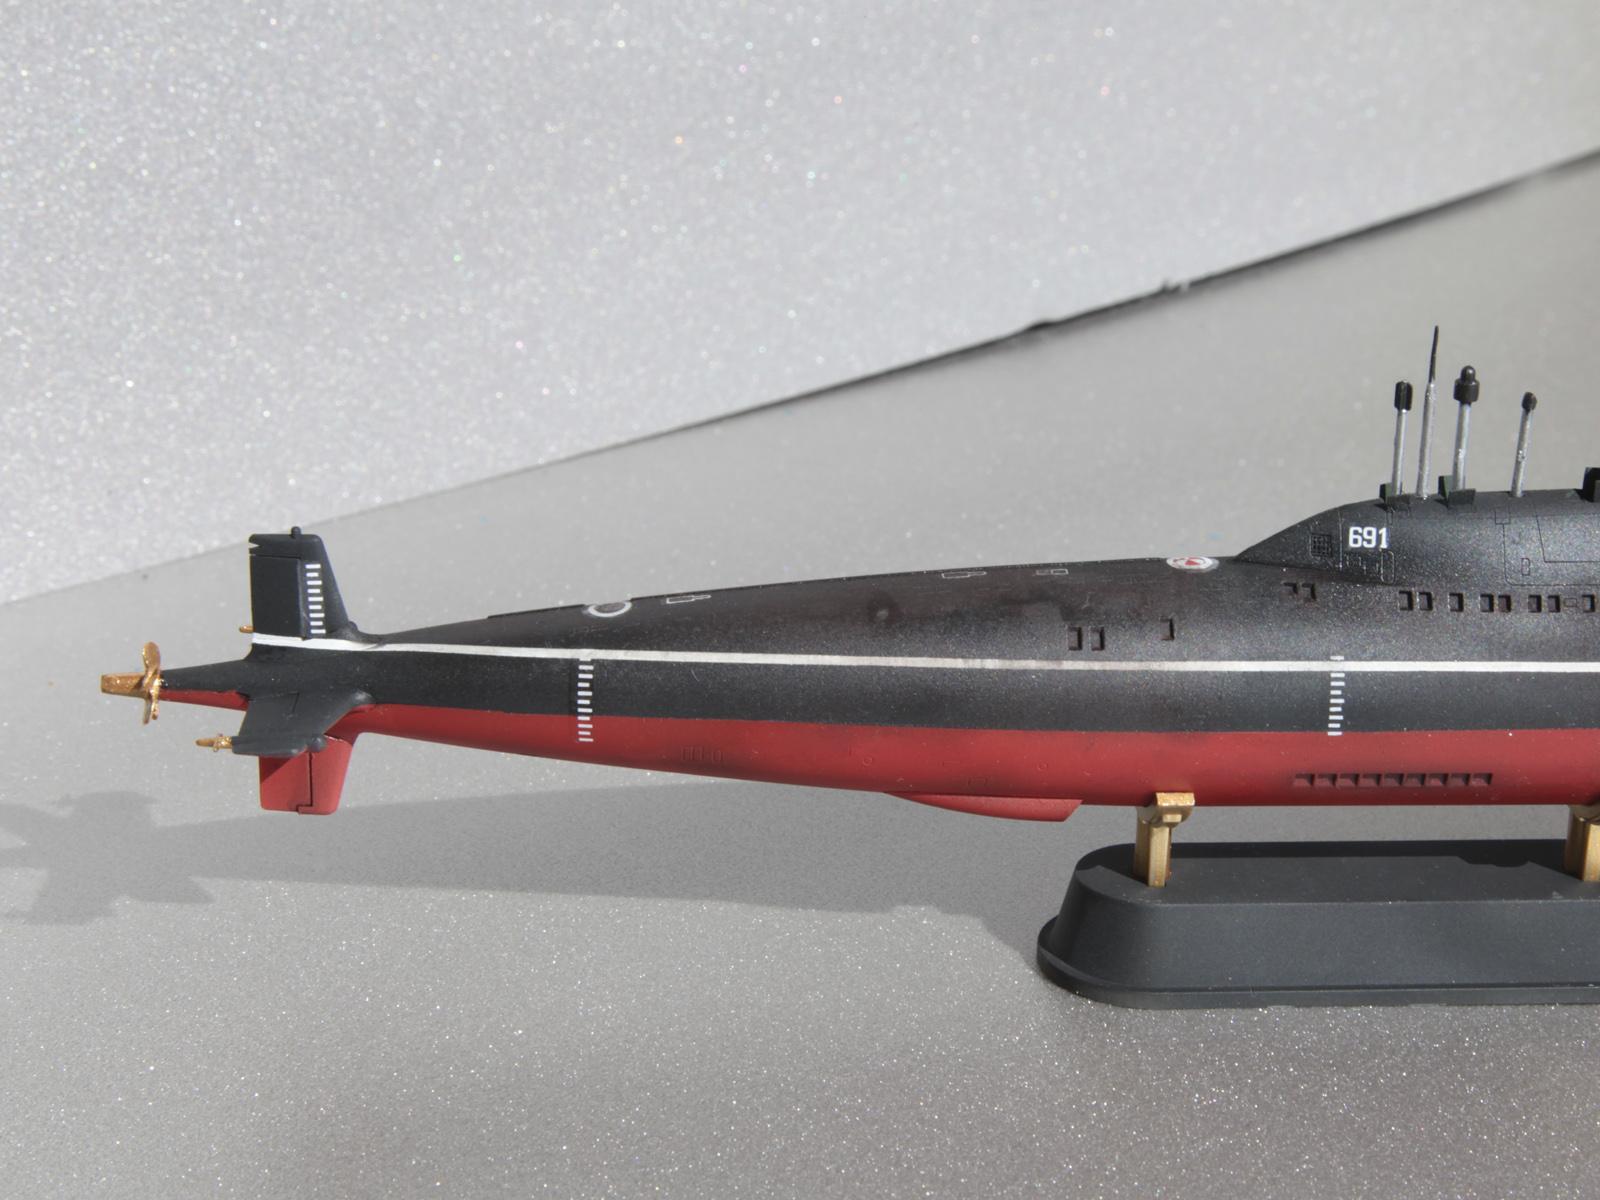 проект подводной лодки разработал